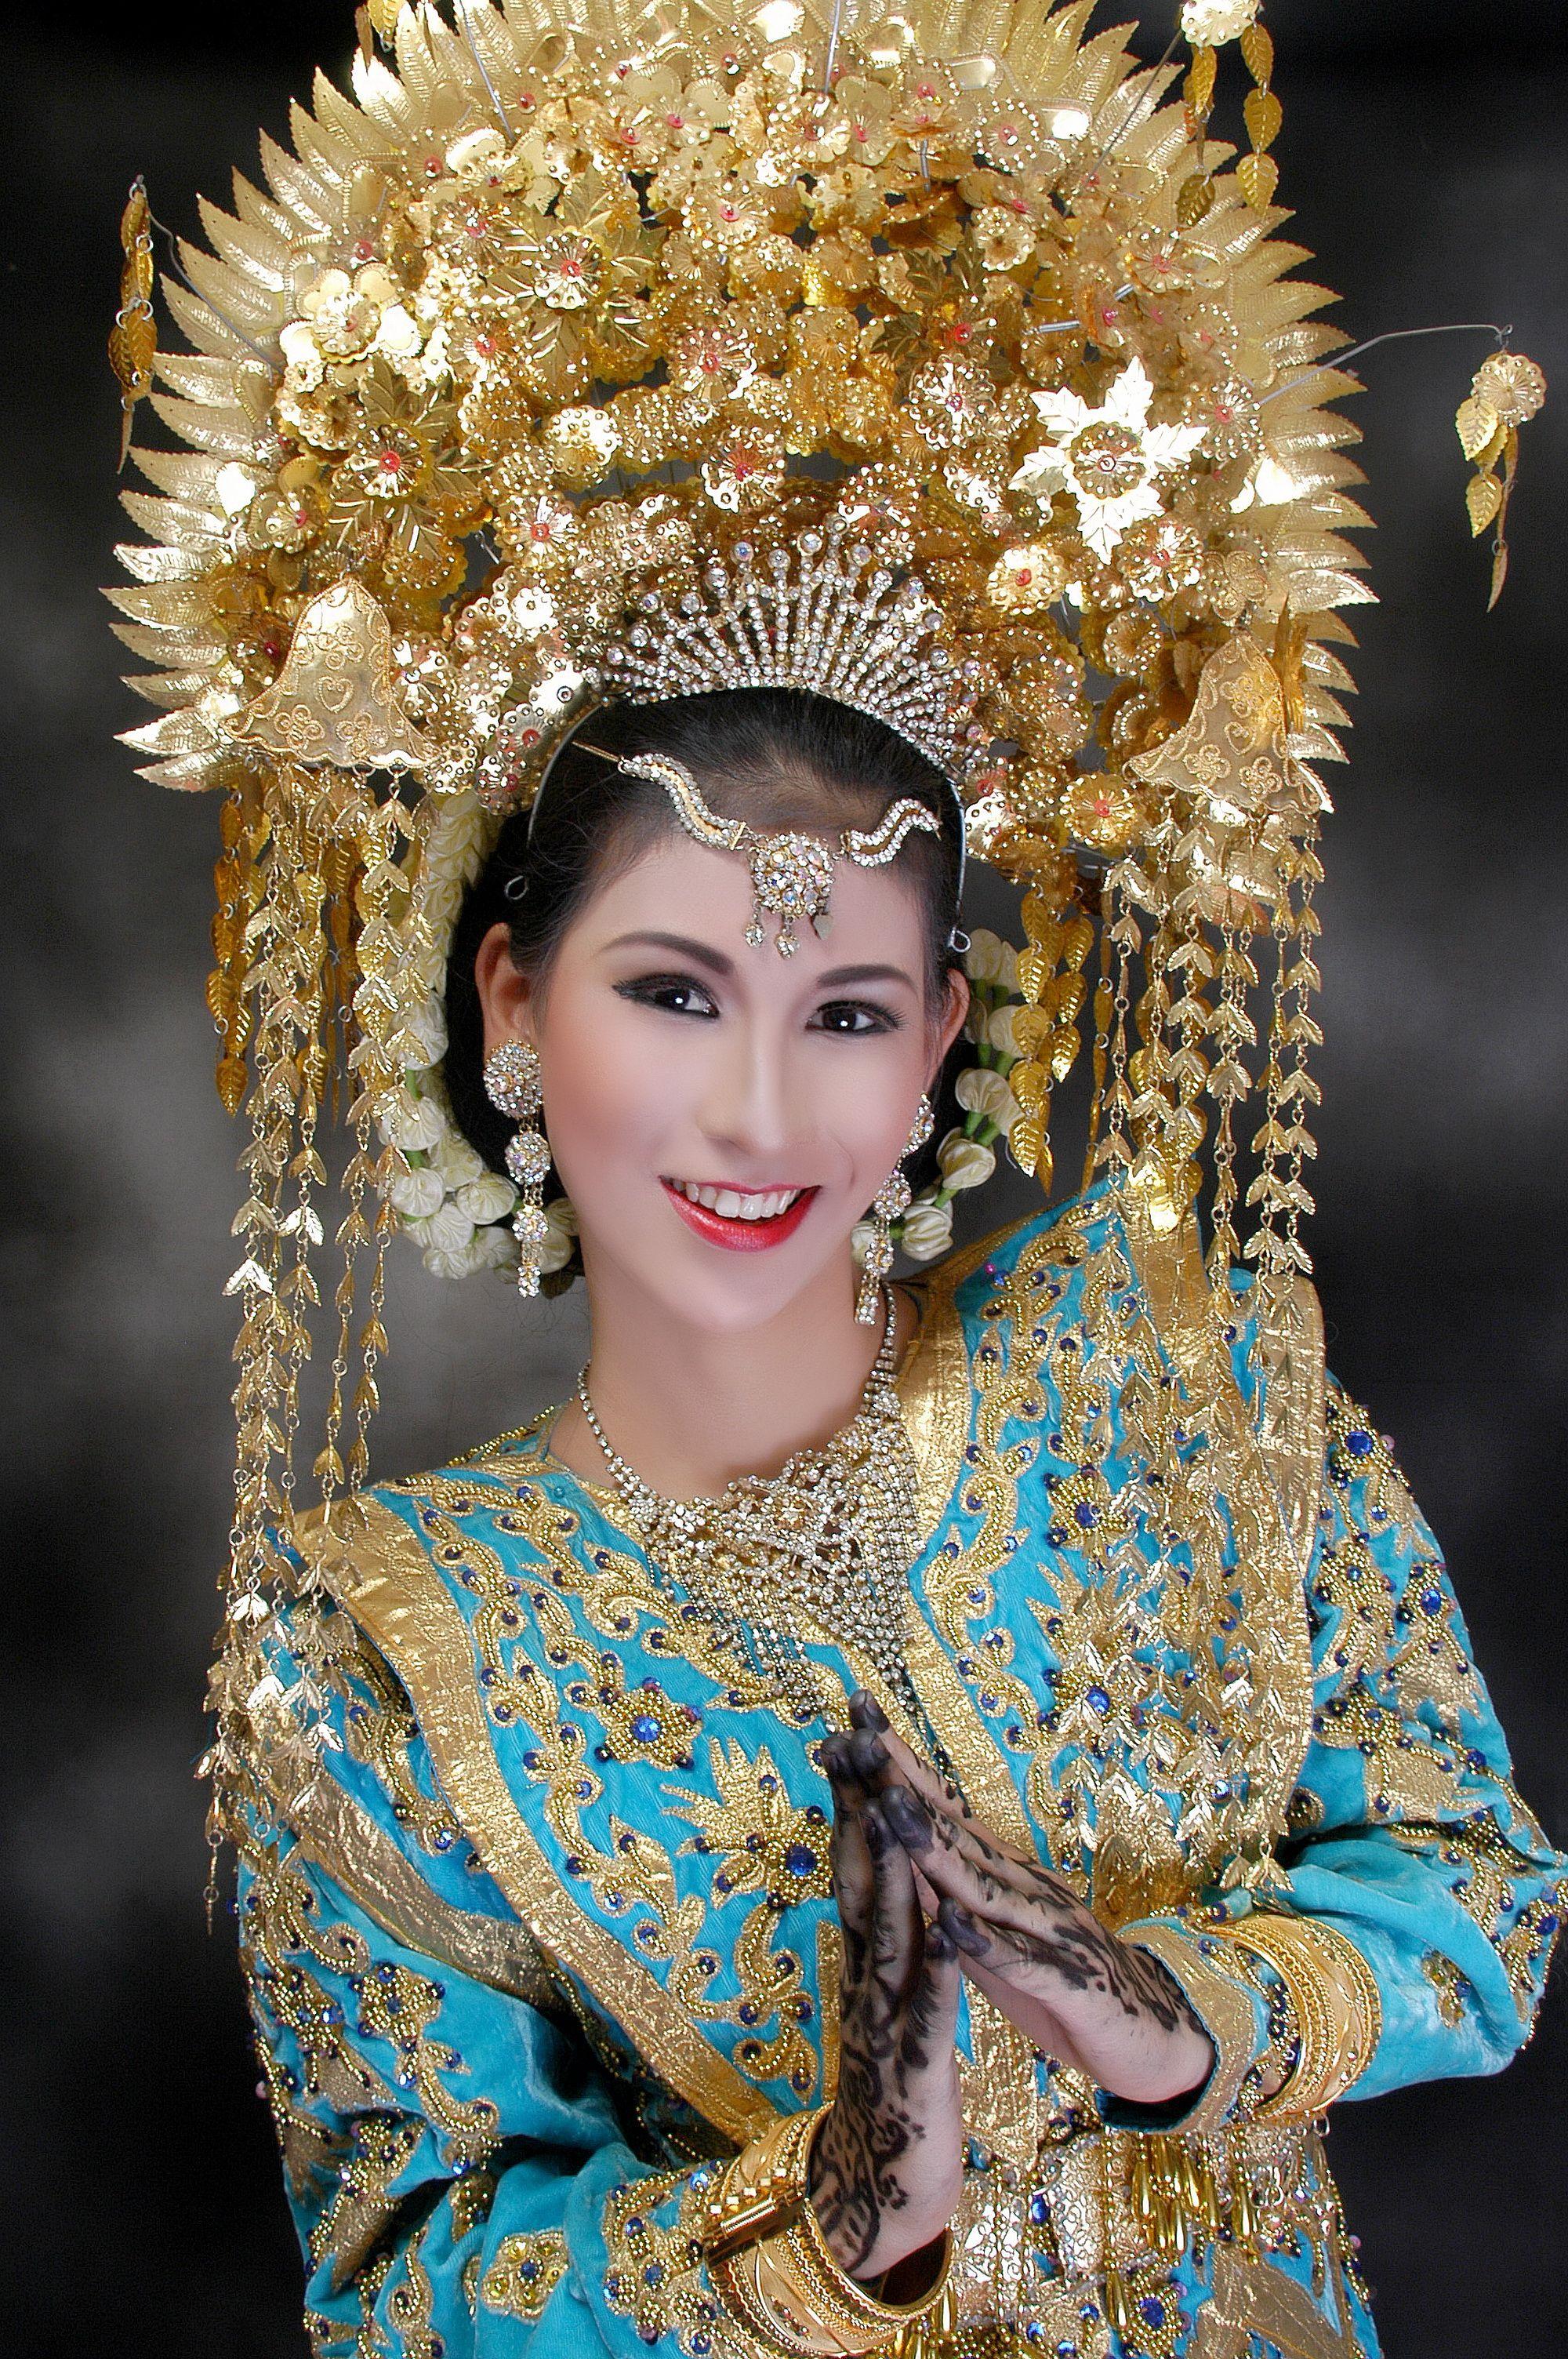 Gambar Pakaian Adat Sumatra Barat